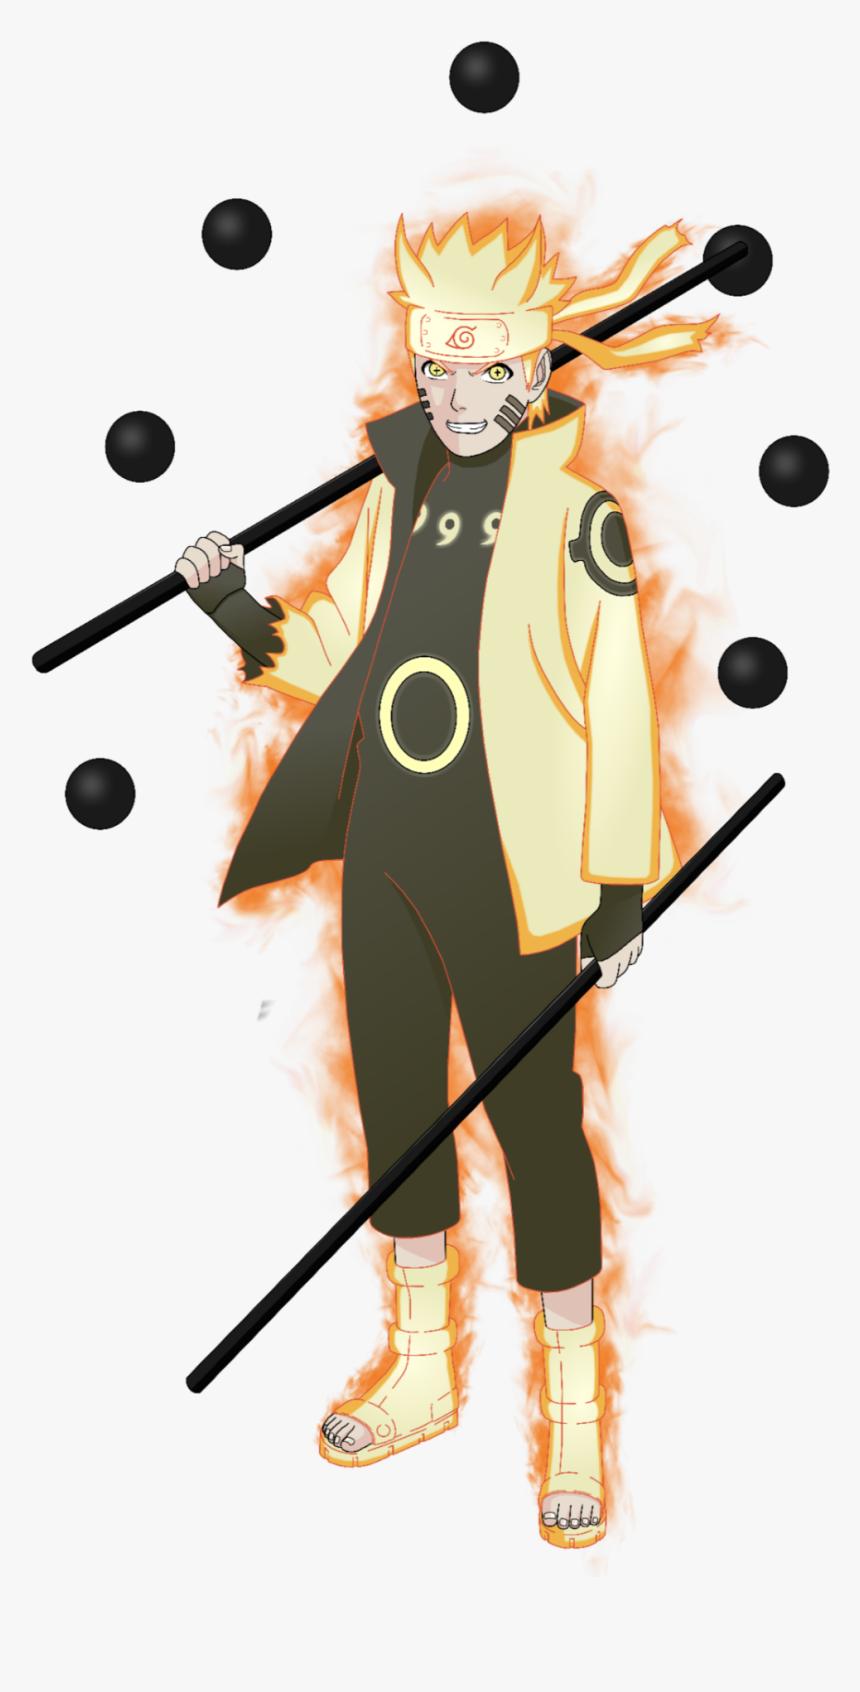 Naruto Shippuden Uzumaki Kurama Kyubi Chakra Naruto Uzumaki Chakra Mode Hd Png Download Kindpng